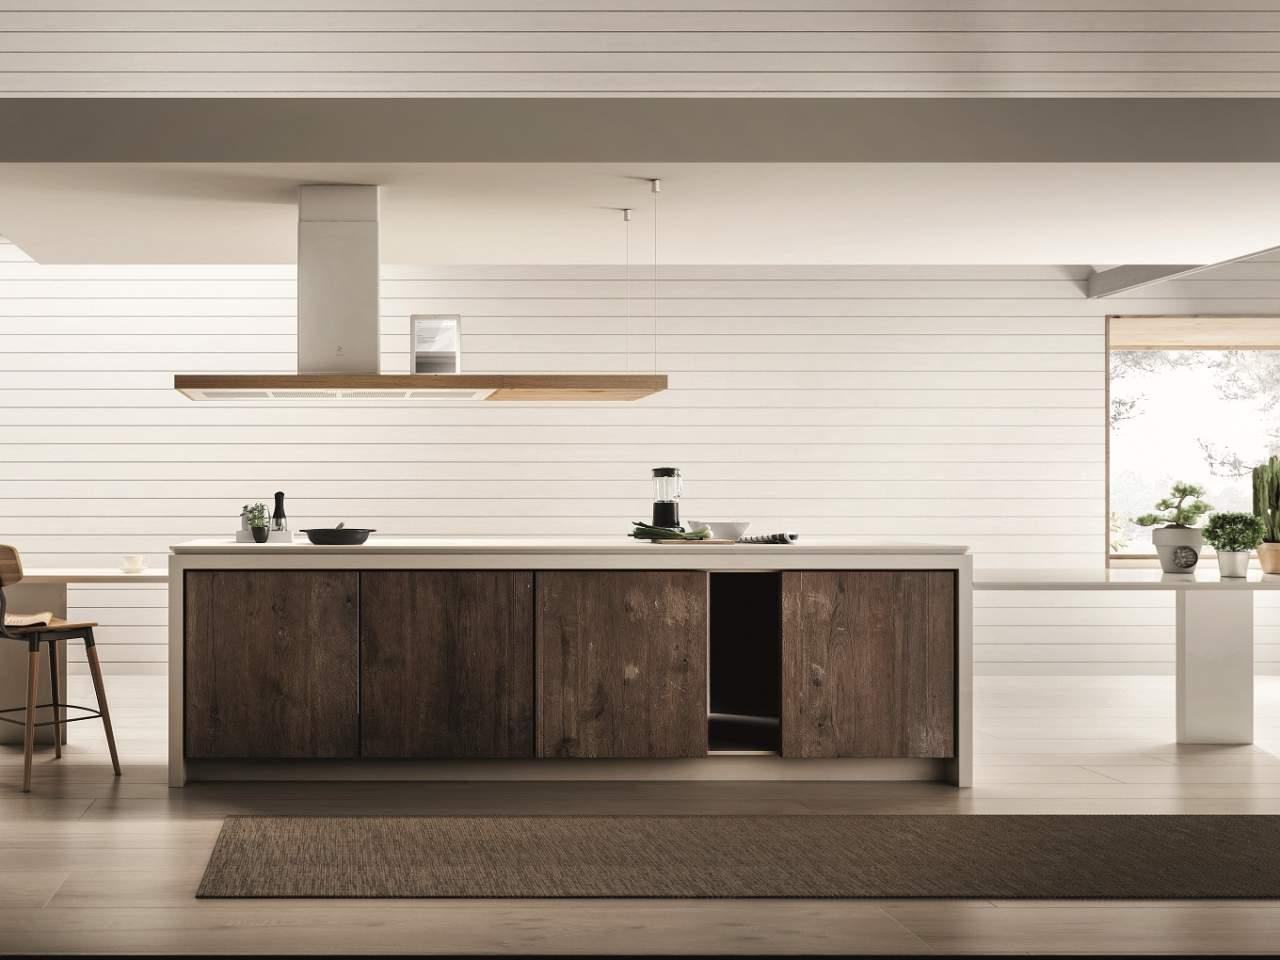 Elica e le nuove tendenze di stile in cucina  6ad0b0cbf42f